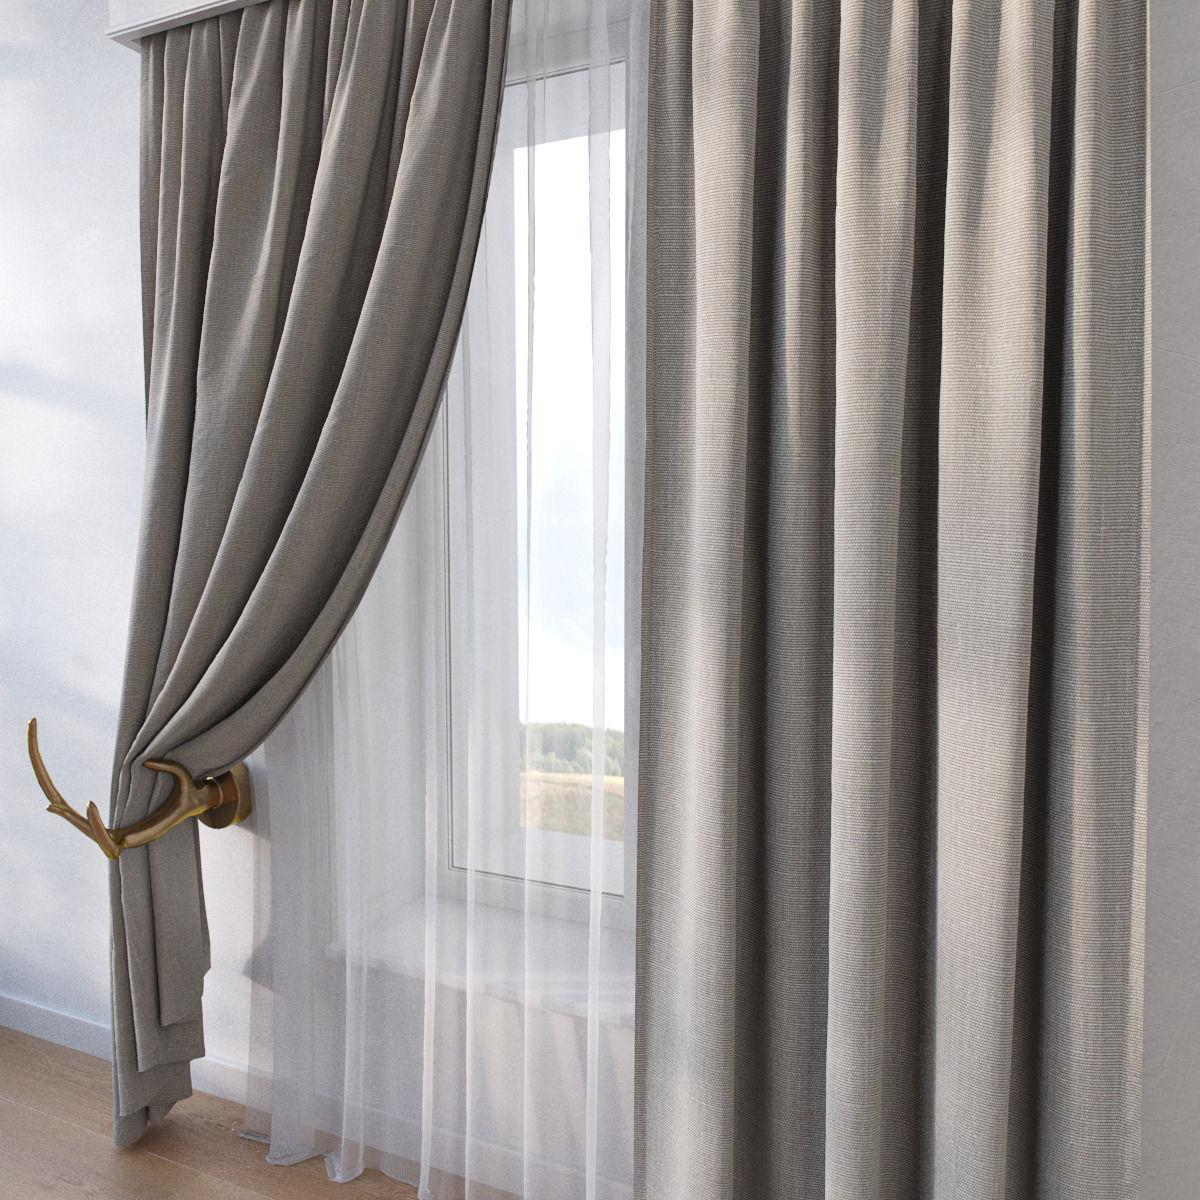 curtain sp10 3d model max obj fbx mtl